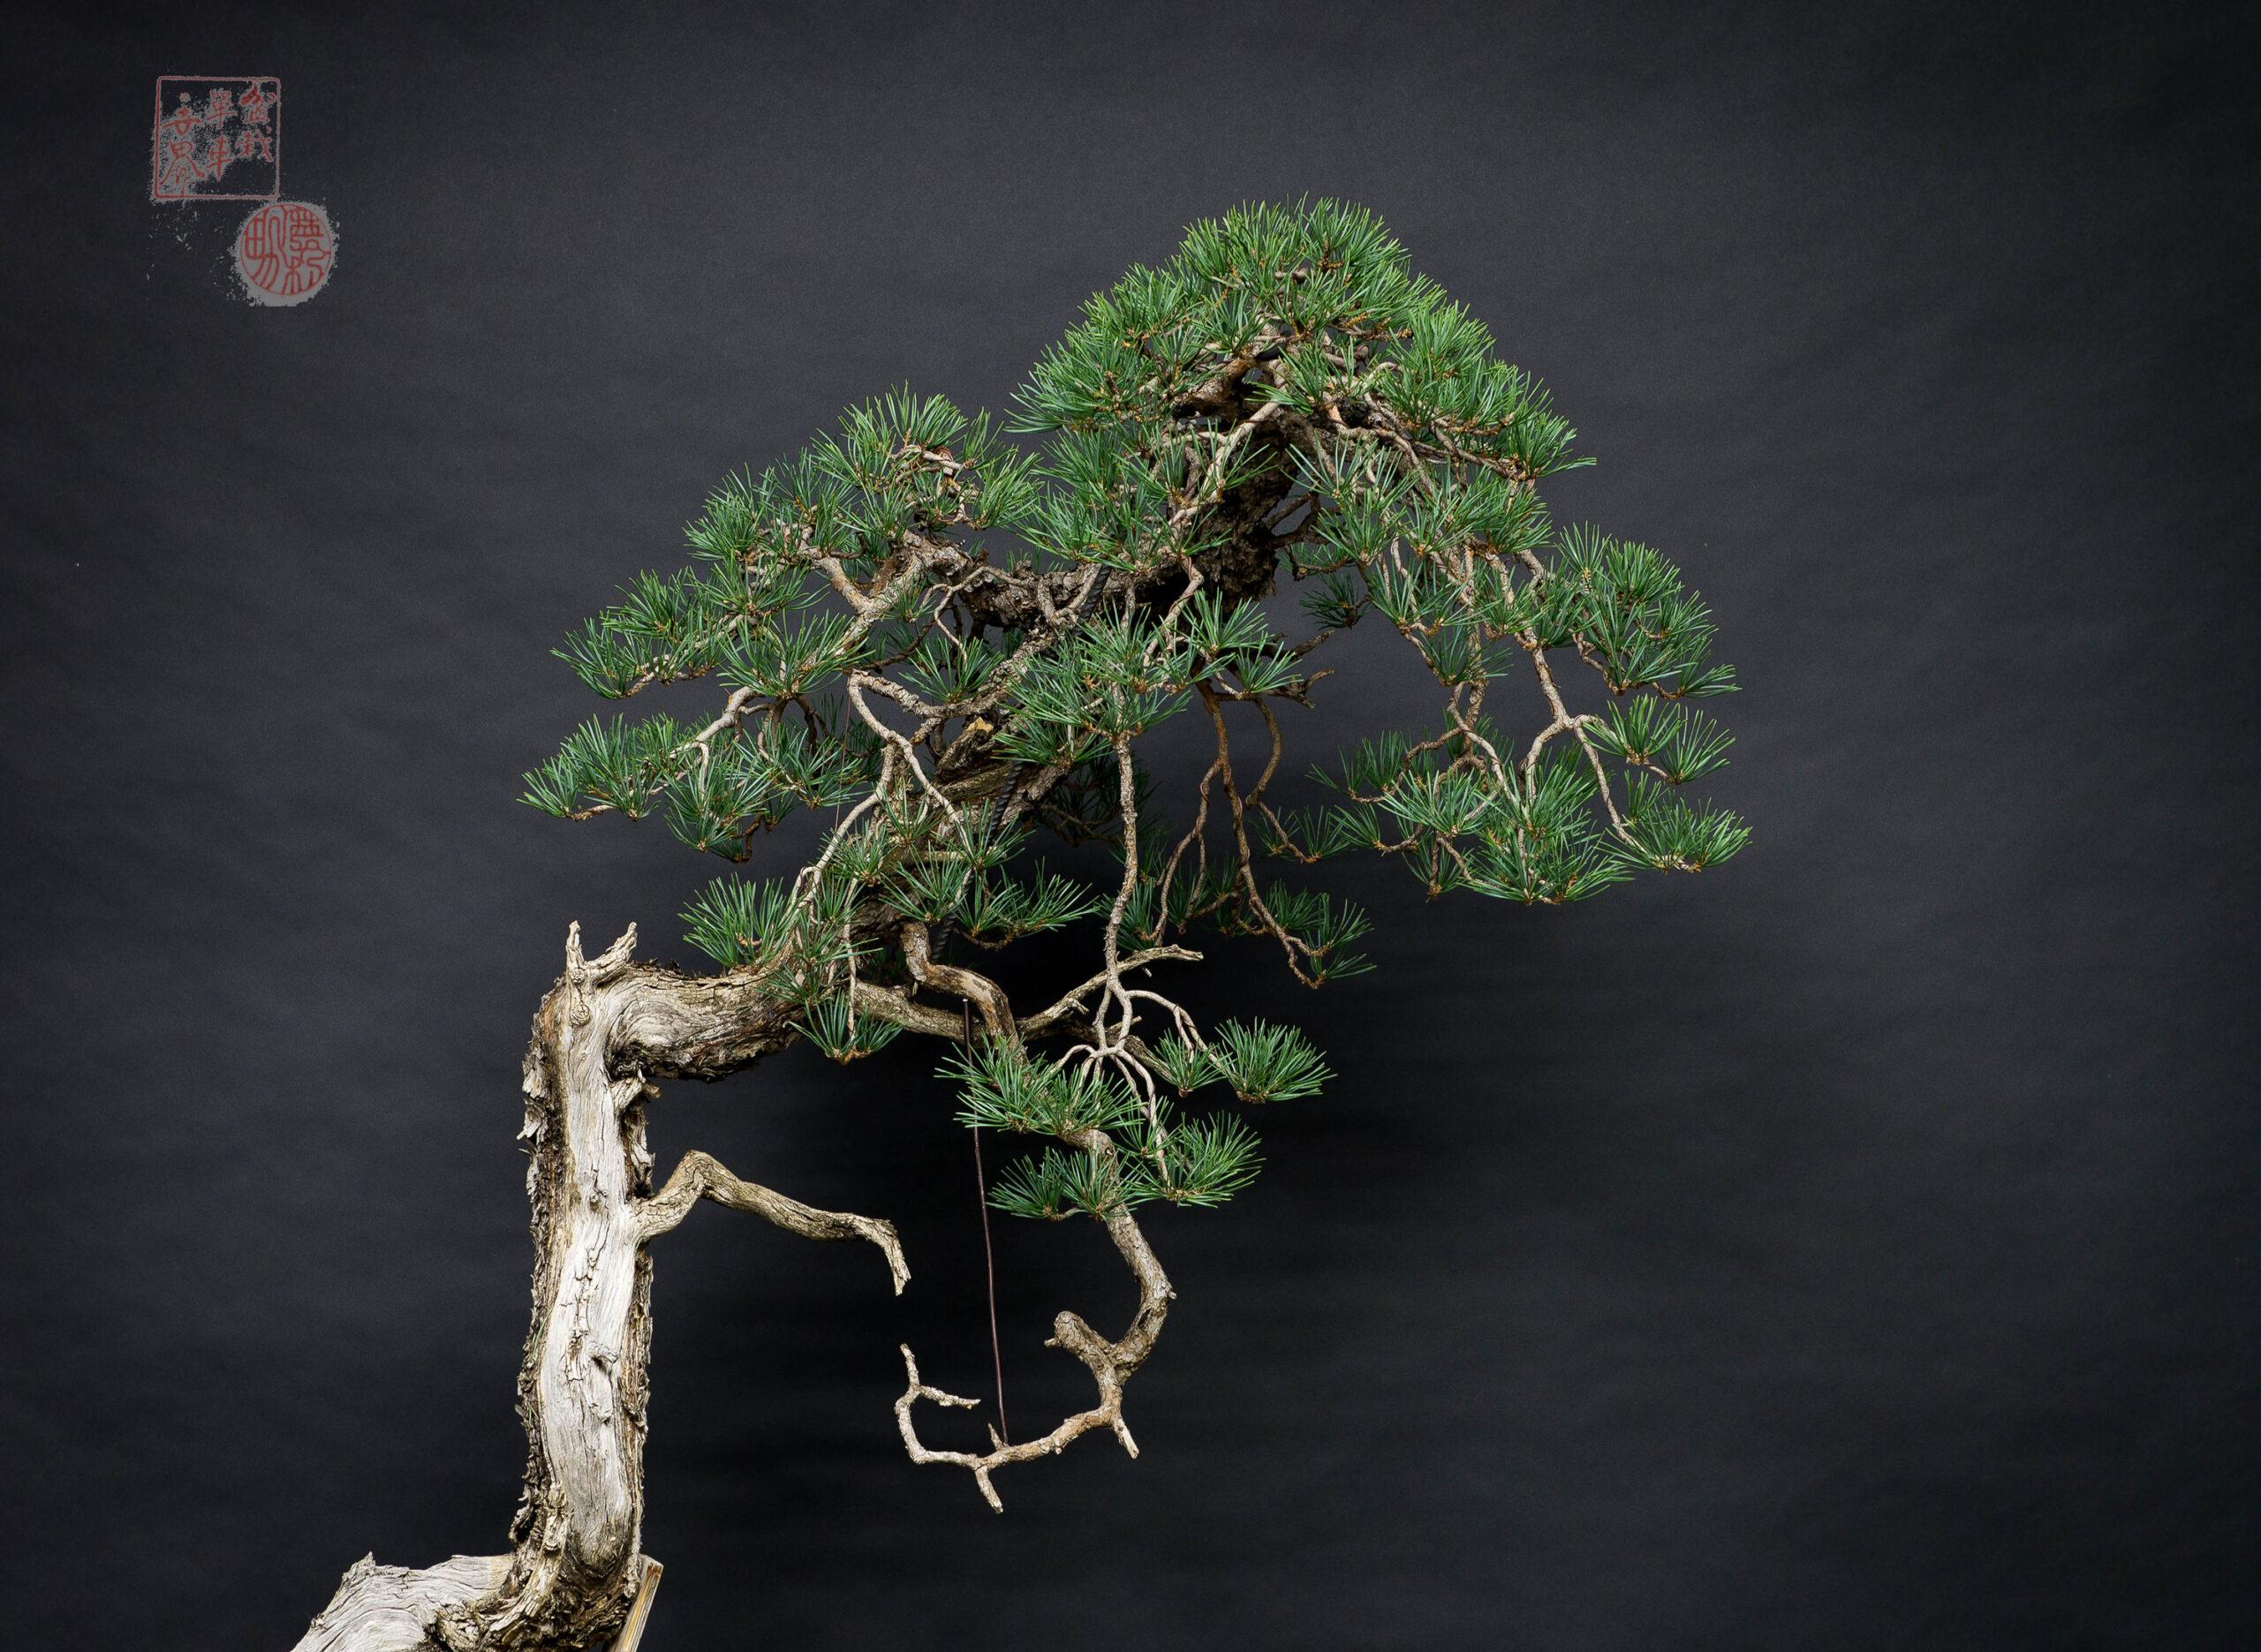 detalle de ramificación de bonsai de pino silvestris